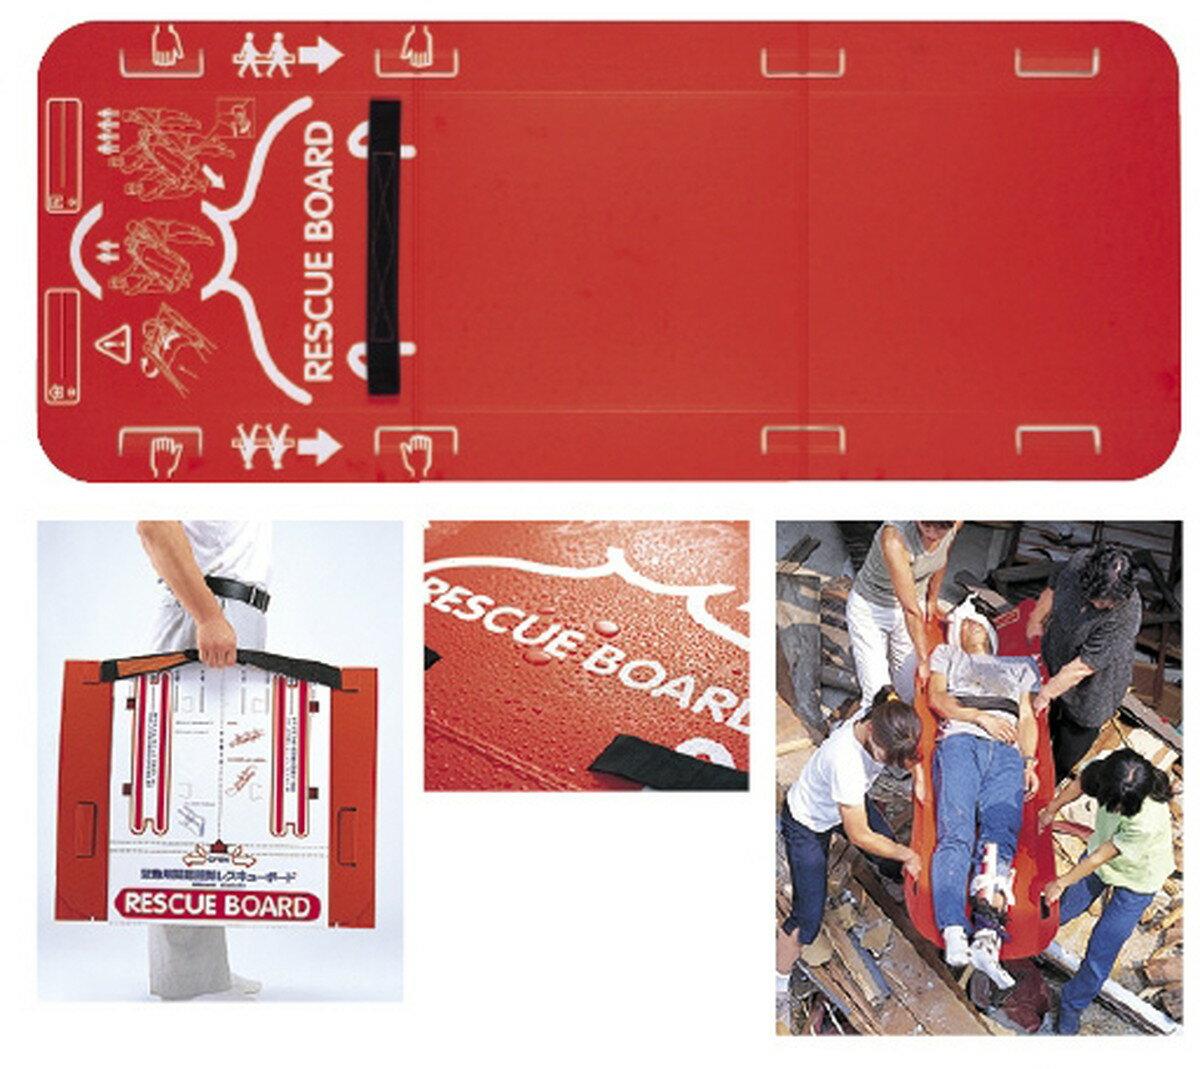 身体測定器・医療計測器, その他 49-16P23- 1800X730X2.4MM my23-5500-00-- 1-MYJAN 4580179562012